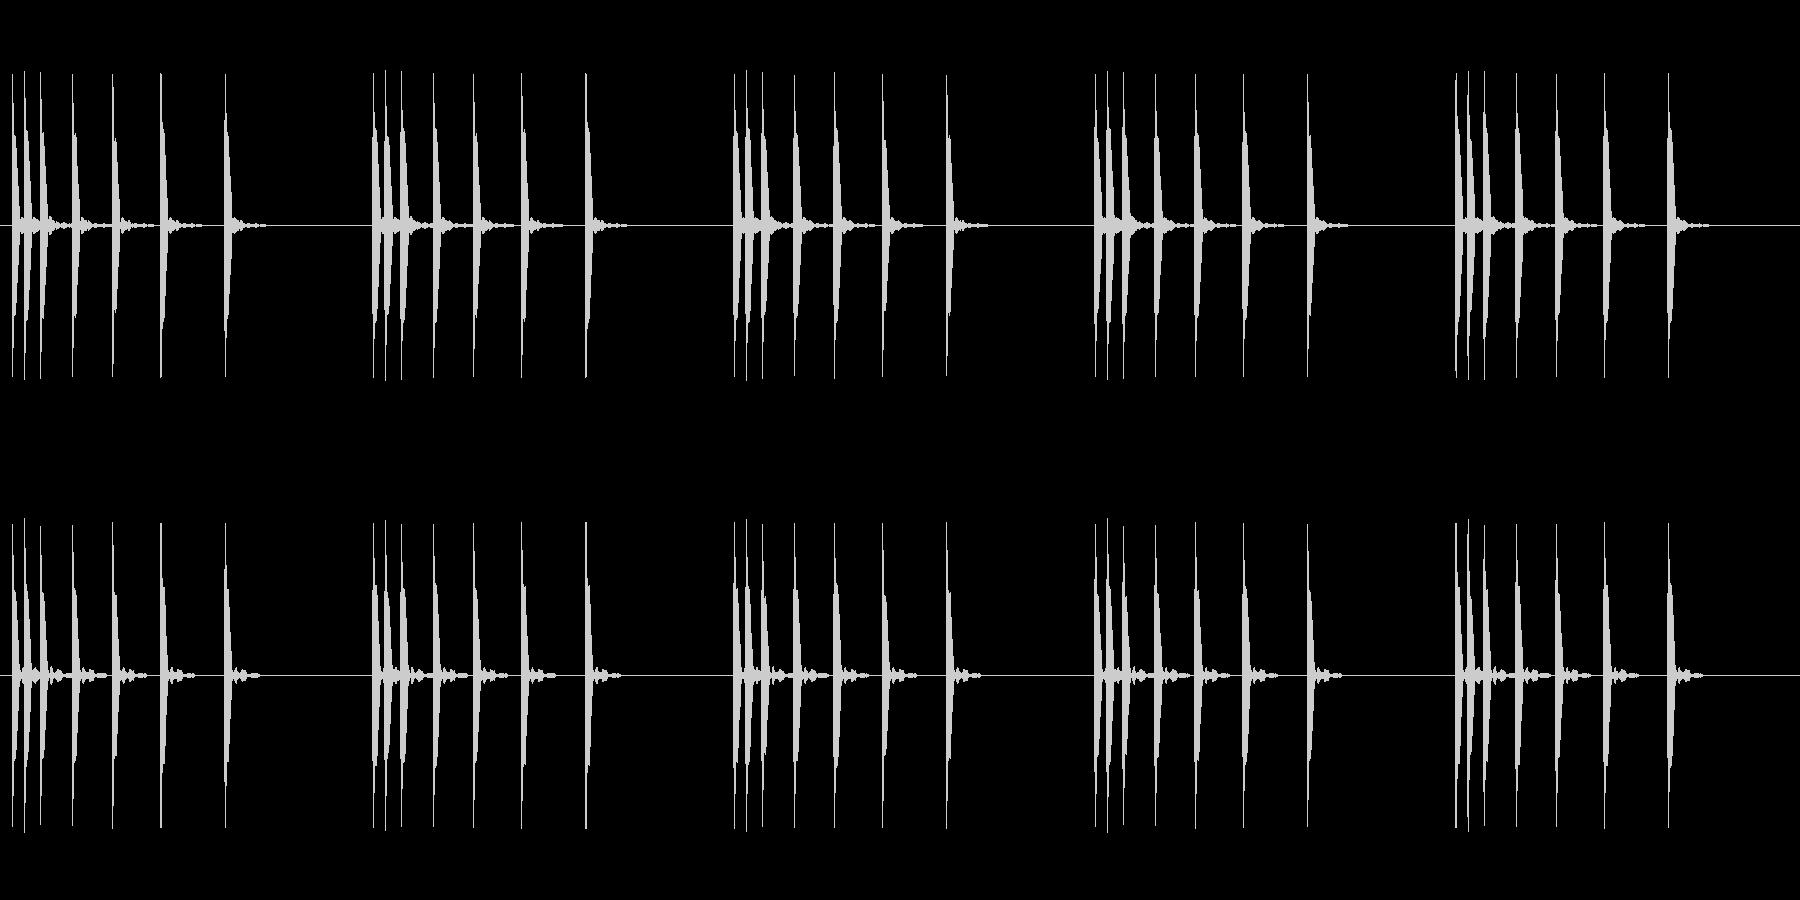 目覚まし時計のアラーム音 電子音の未再生の波形